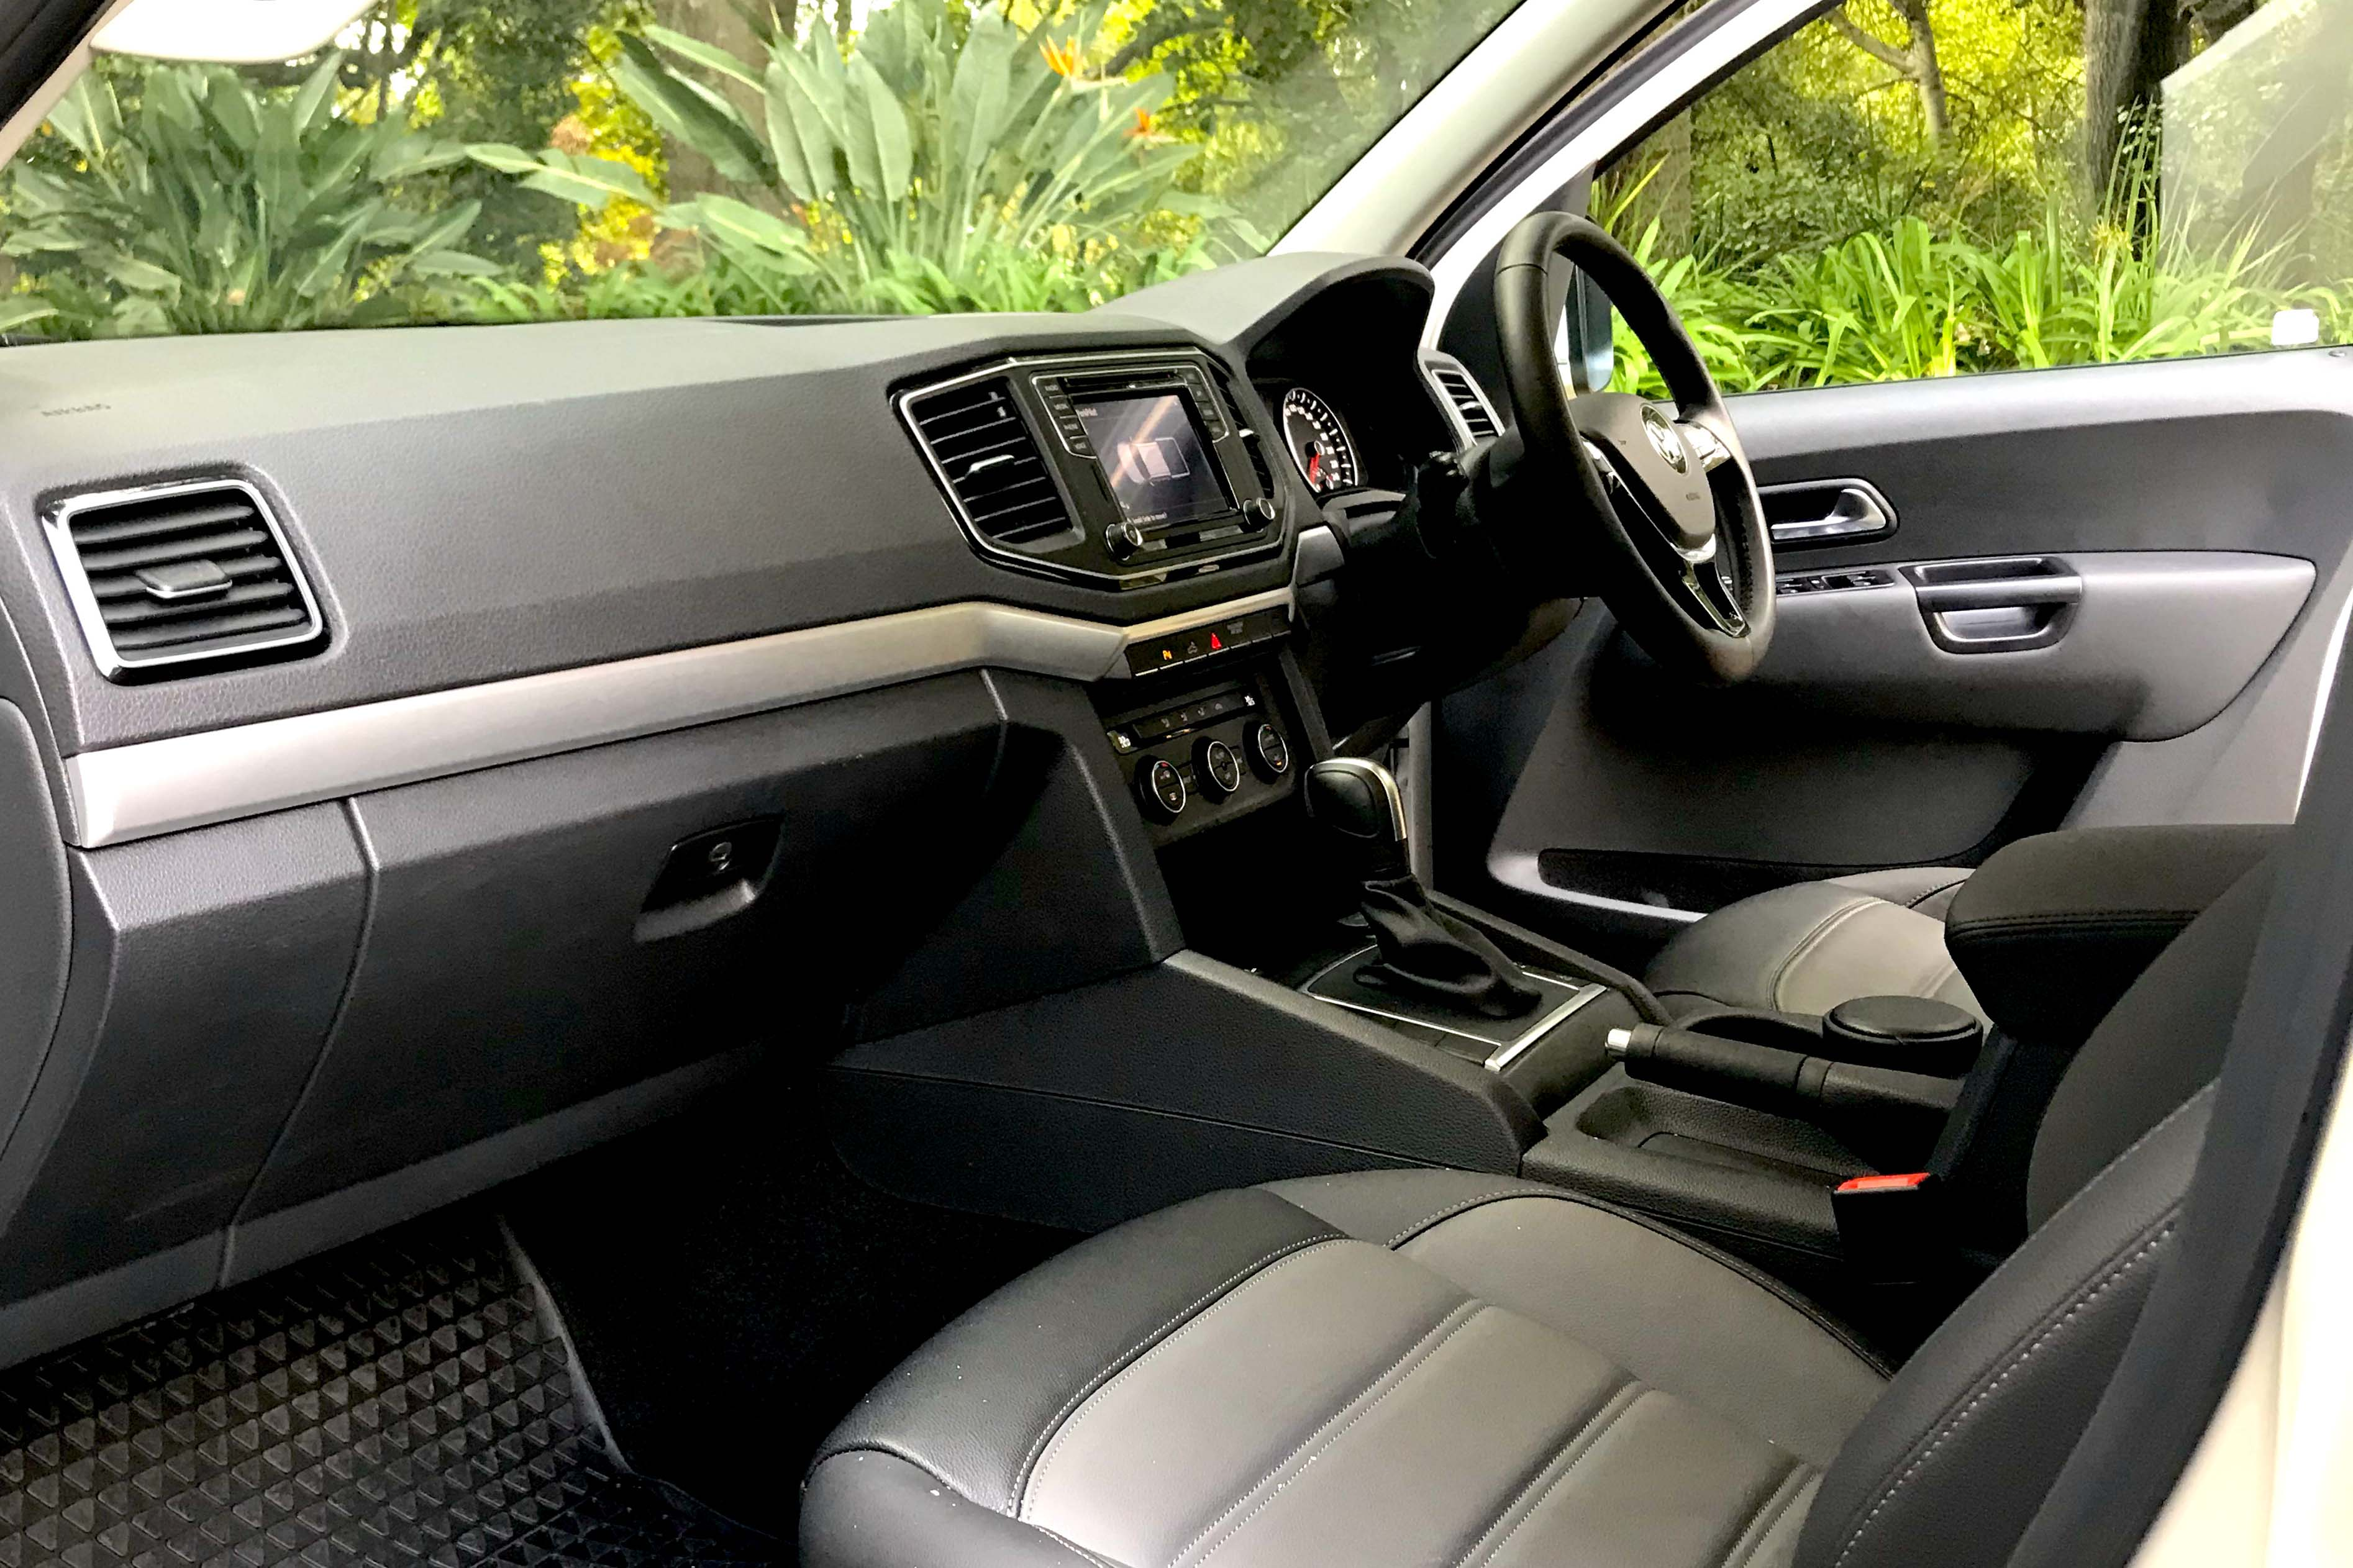 VW Amarok V6 190 kW